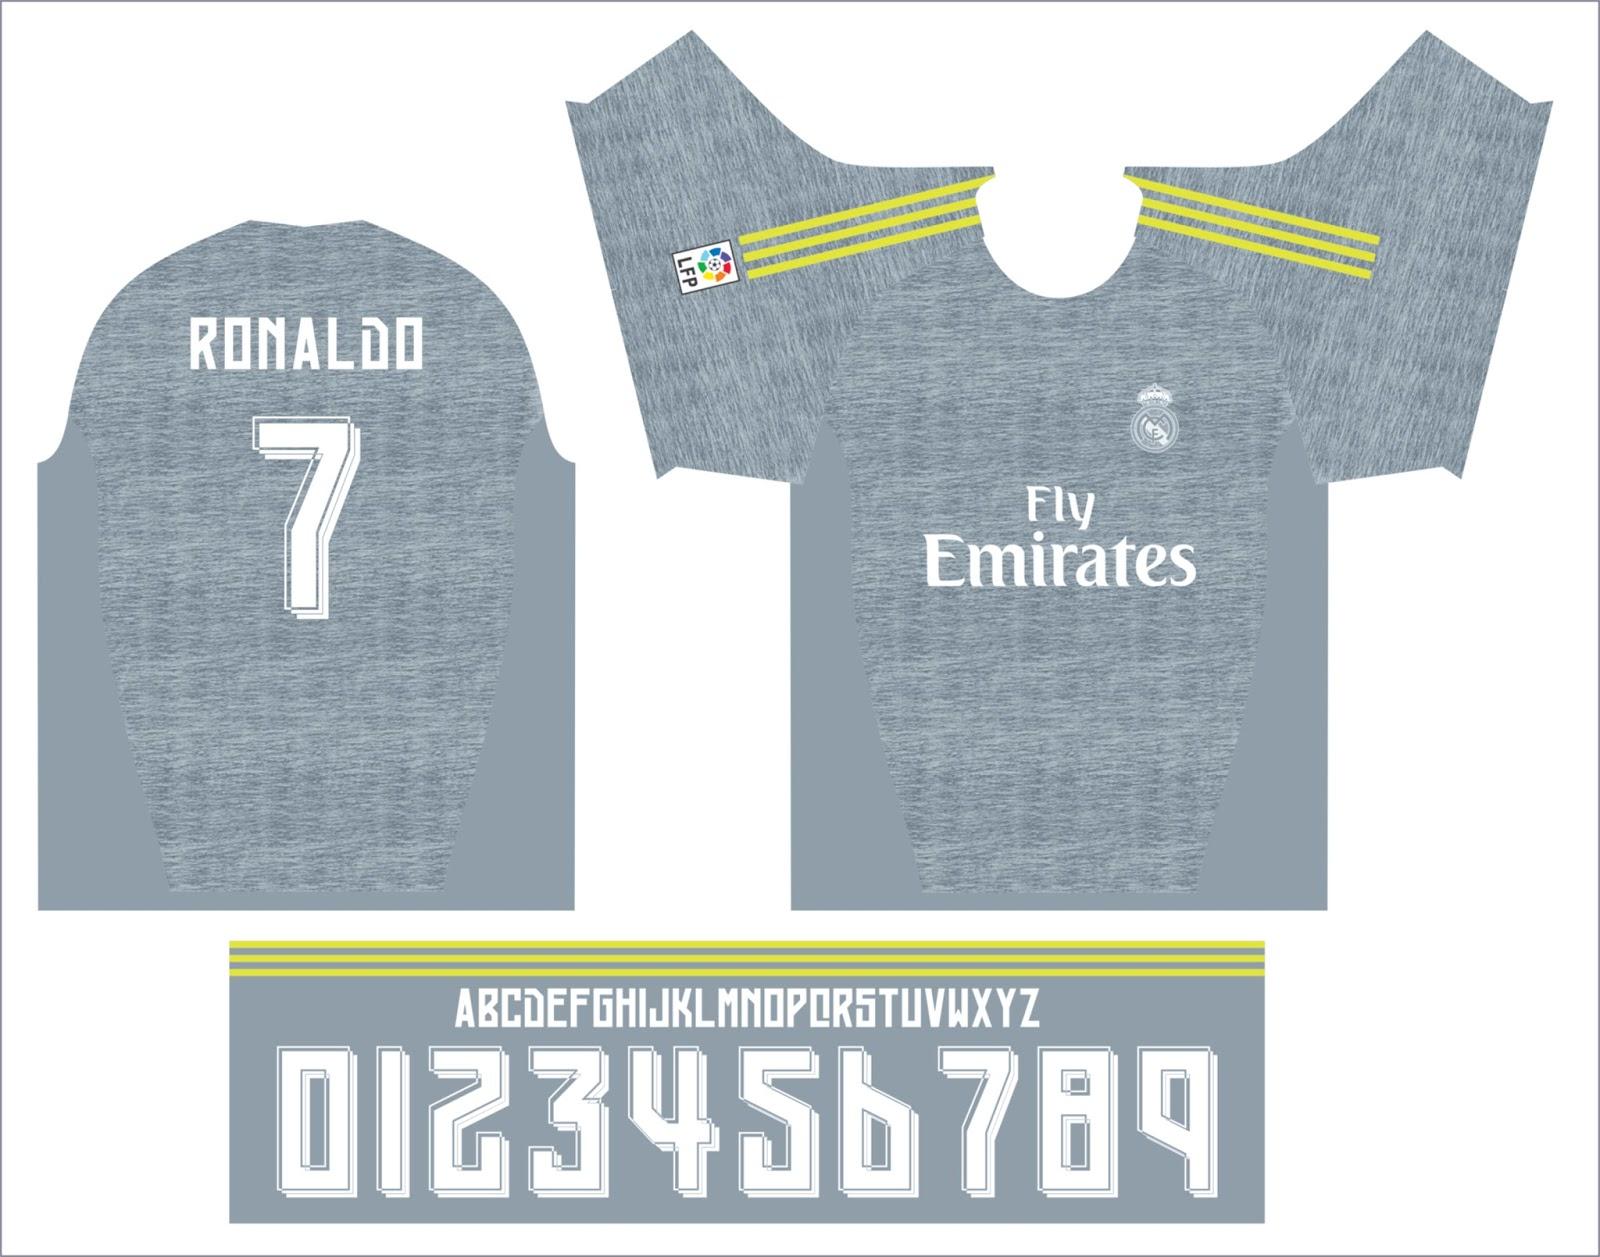 camisetas y tipografias vectorizados  CAMISETA REAL MADRID VECTOR ... c85e5102f285d